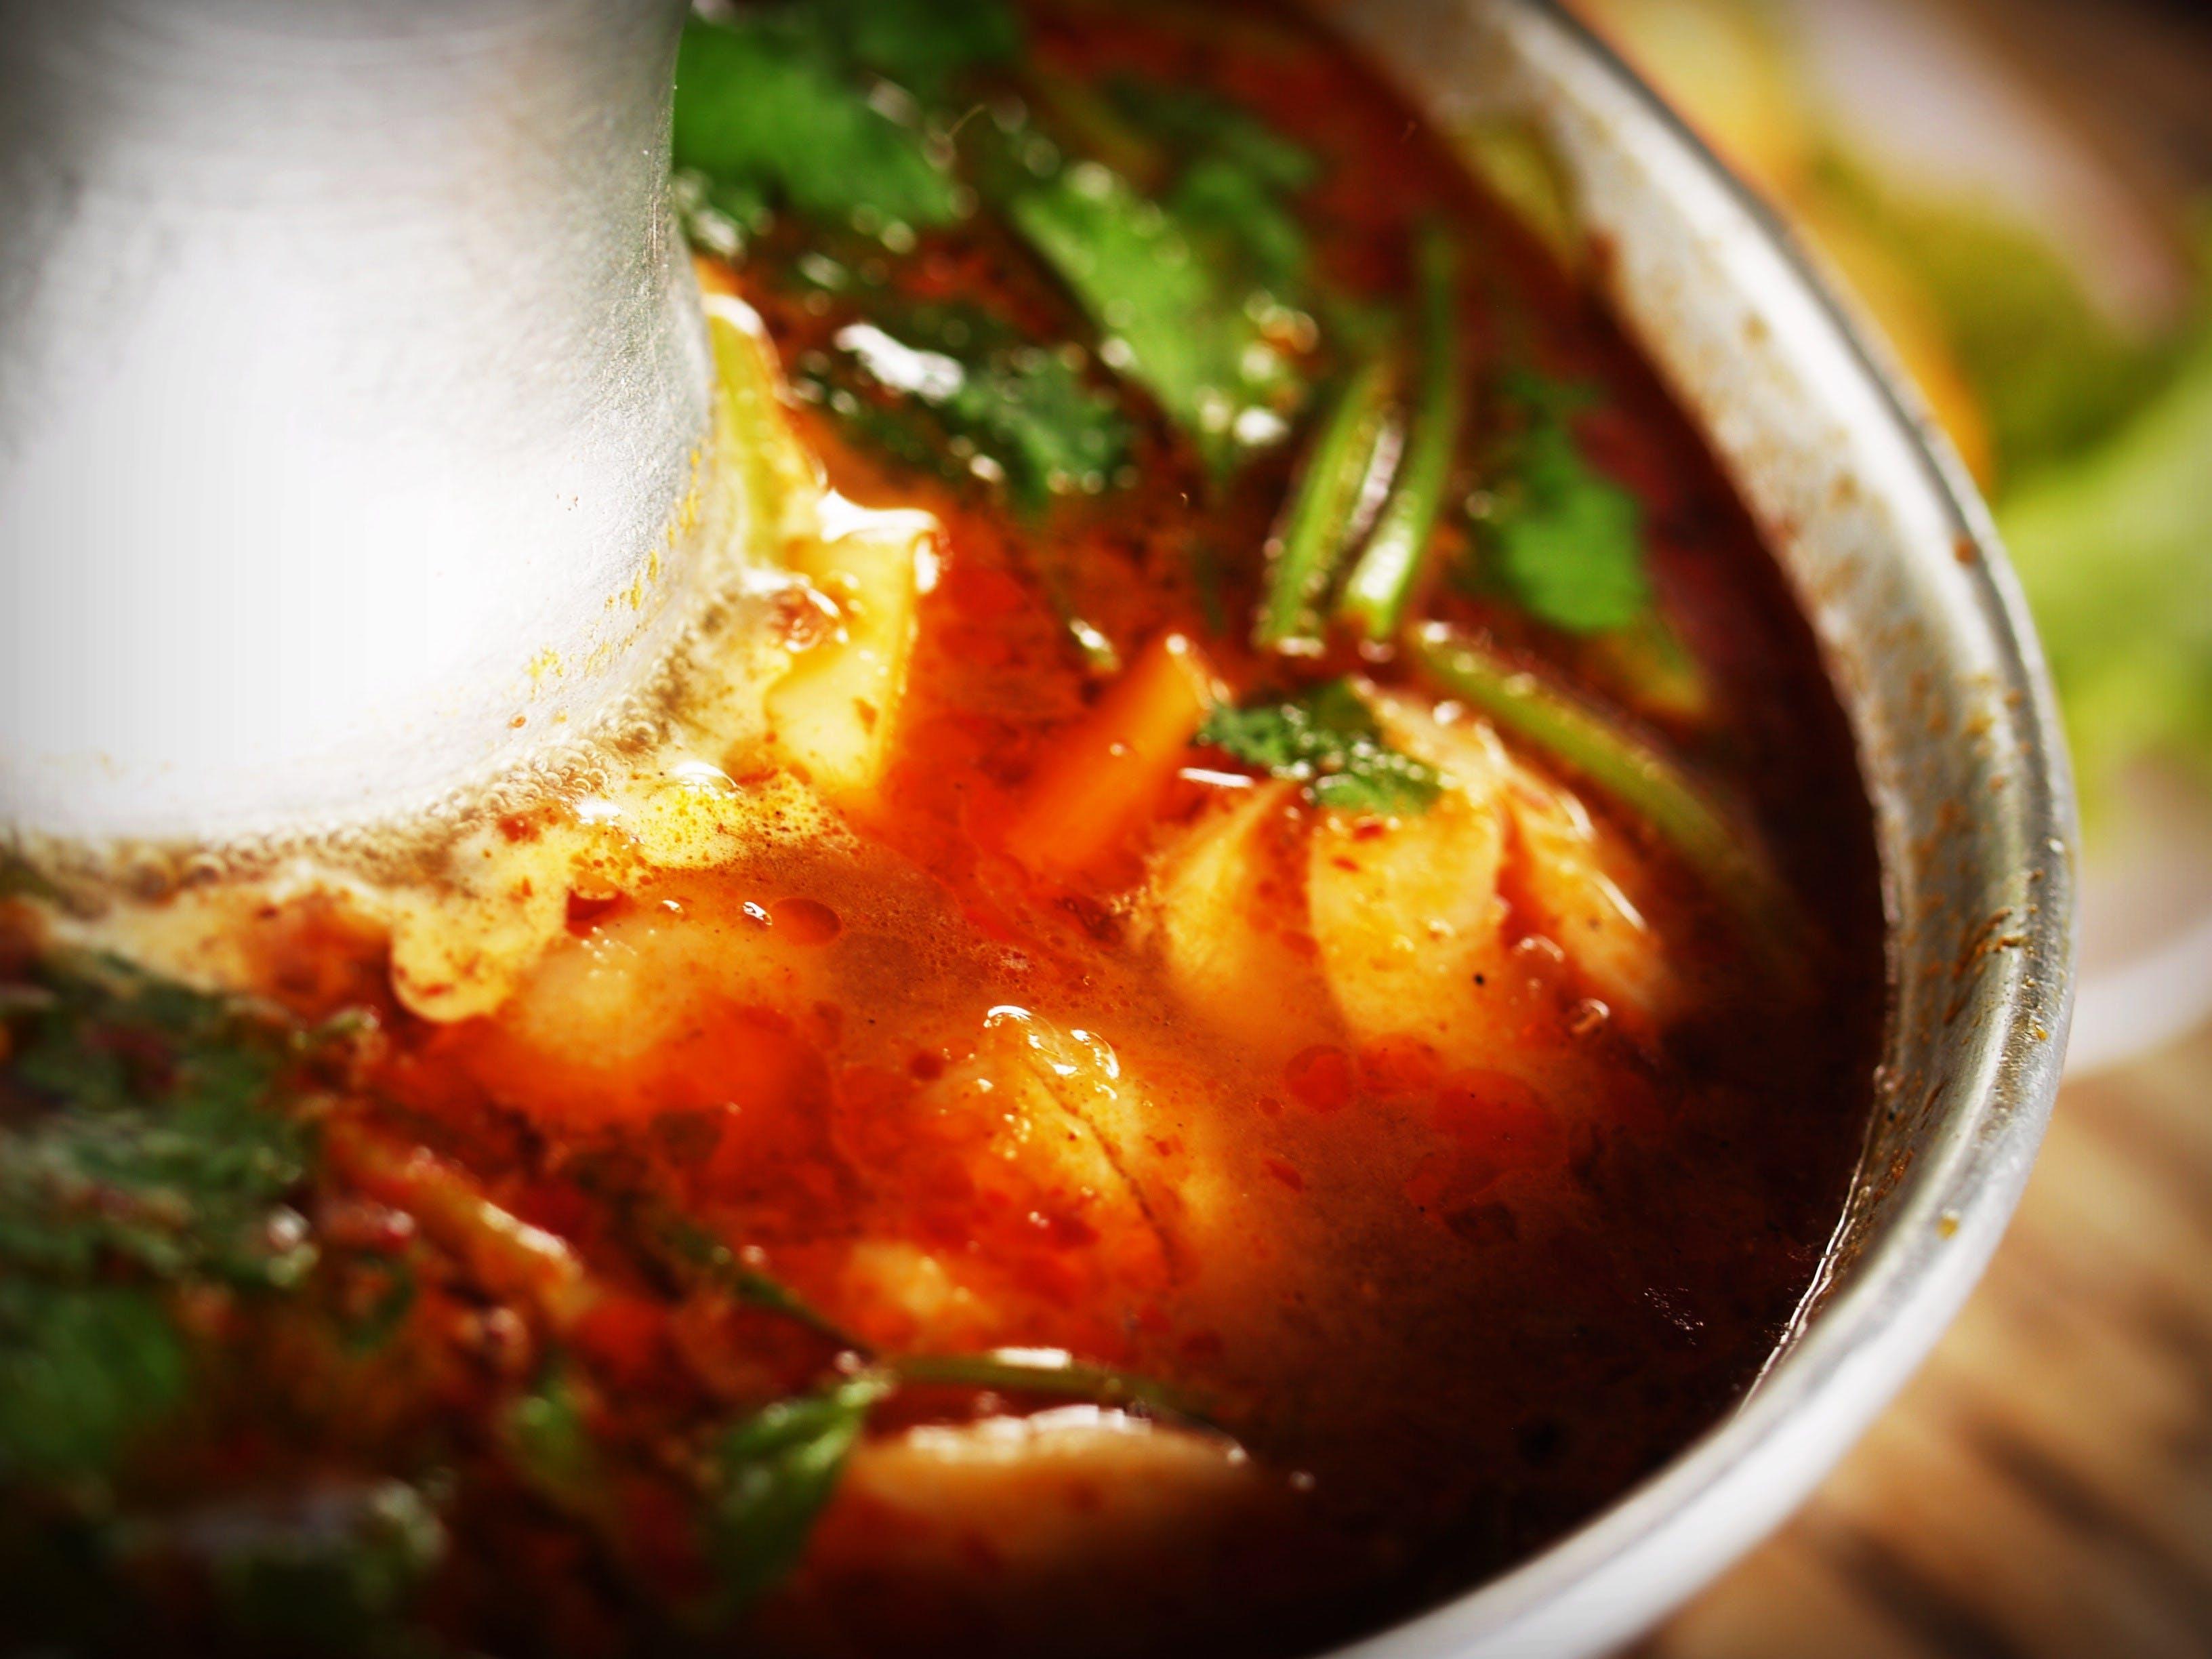 Kostenloses Stock Foto zu abendessen, asiatisches essen, essen, essensfotografie